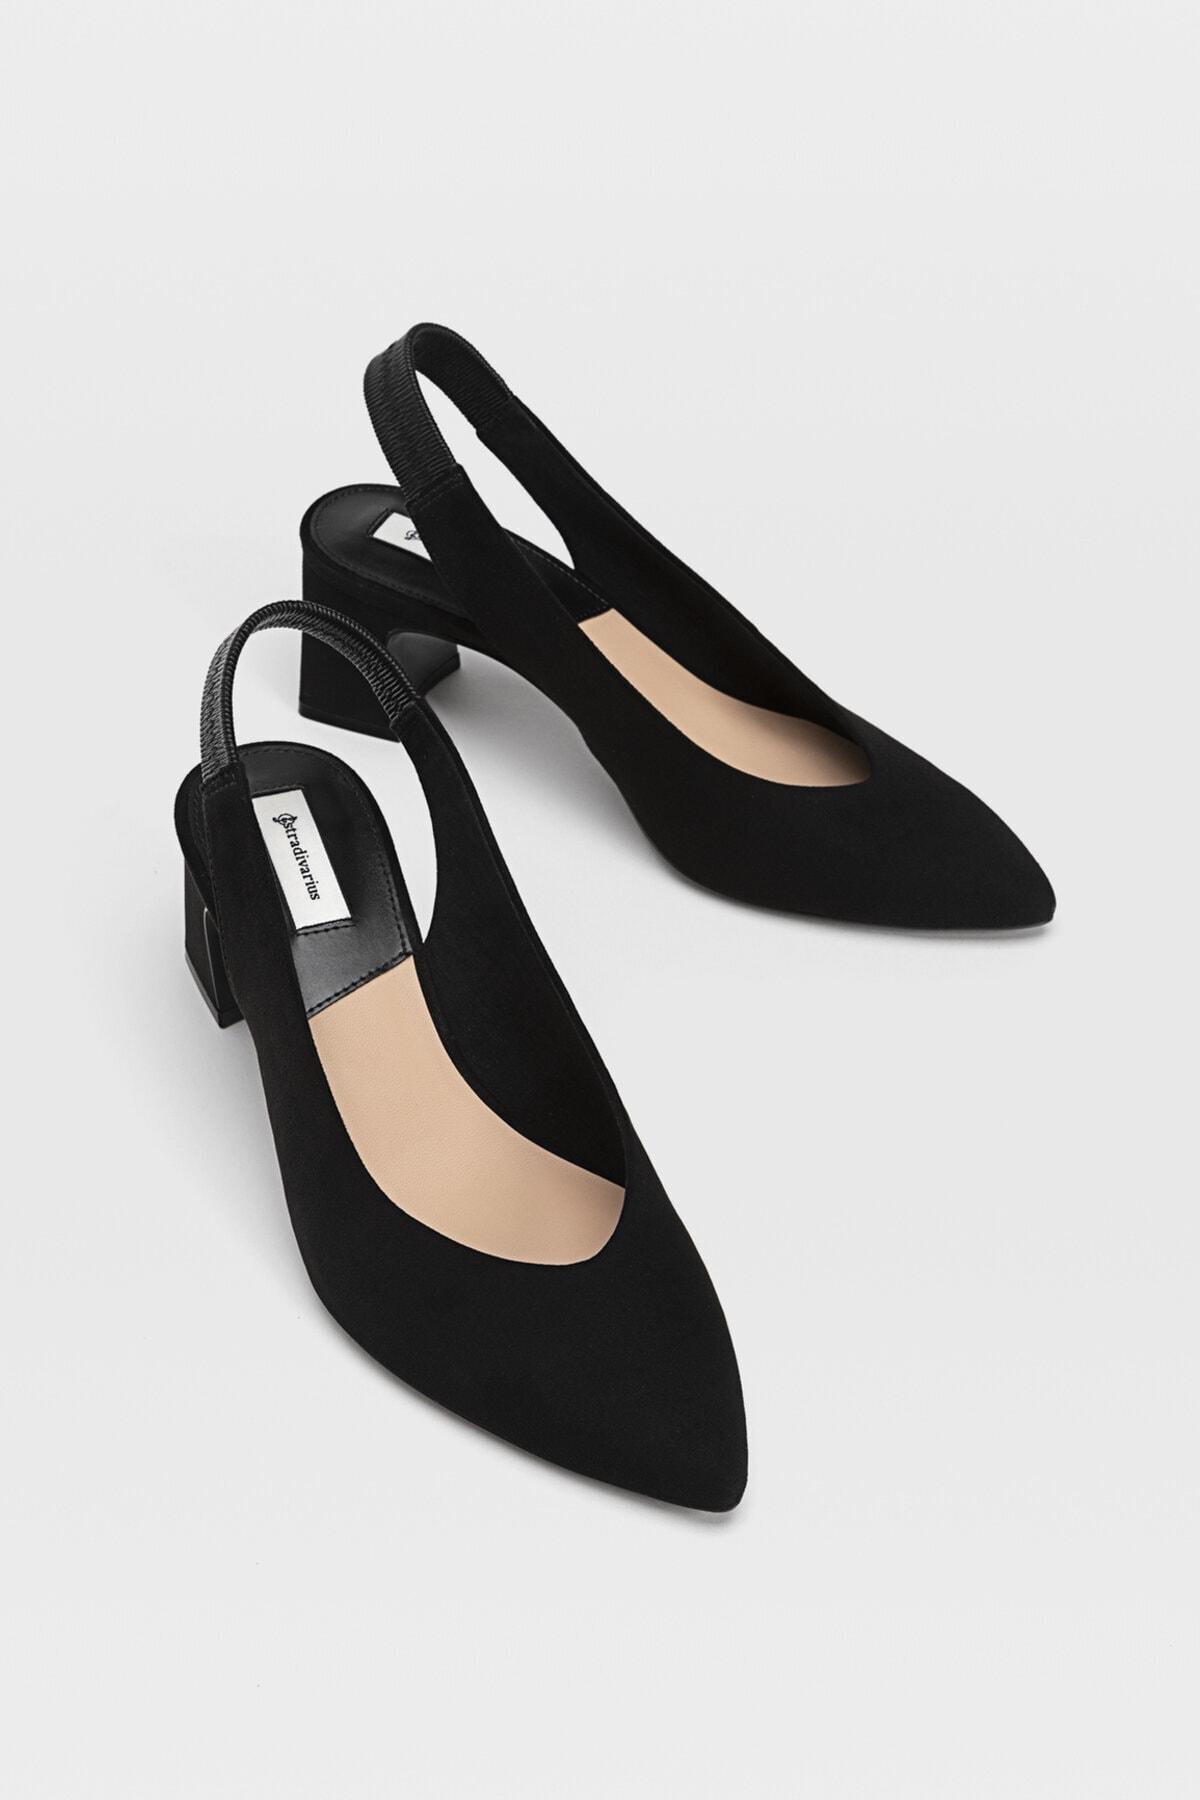 Stradivarius Kadın Siyah Sivri Burunlu Arkası Açık Topuklu Ayakkabı 19150770 2